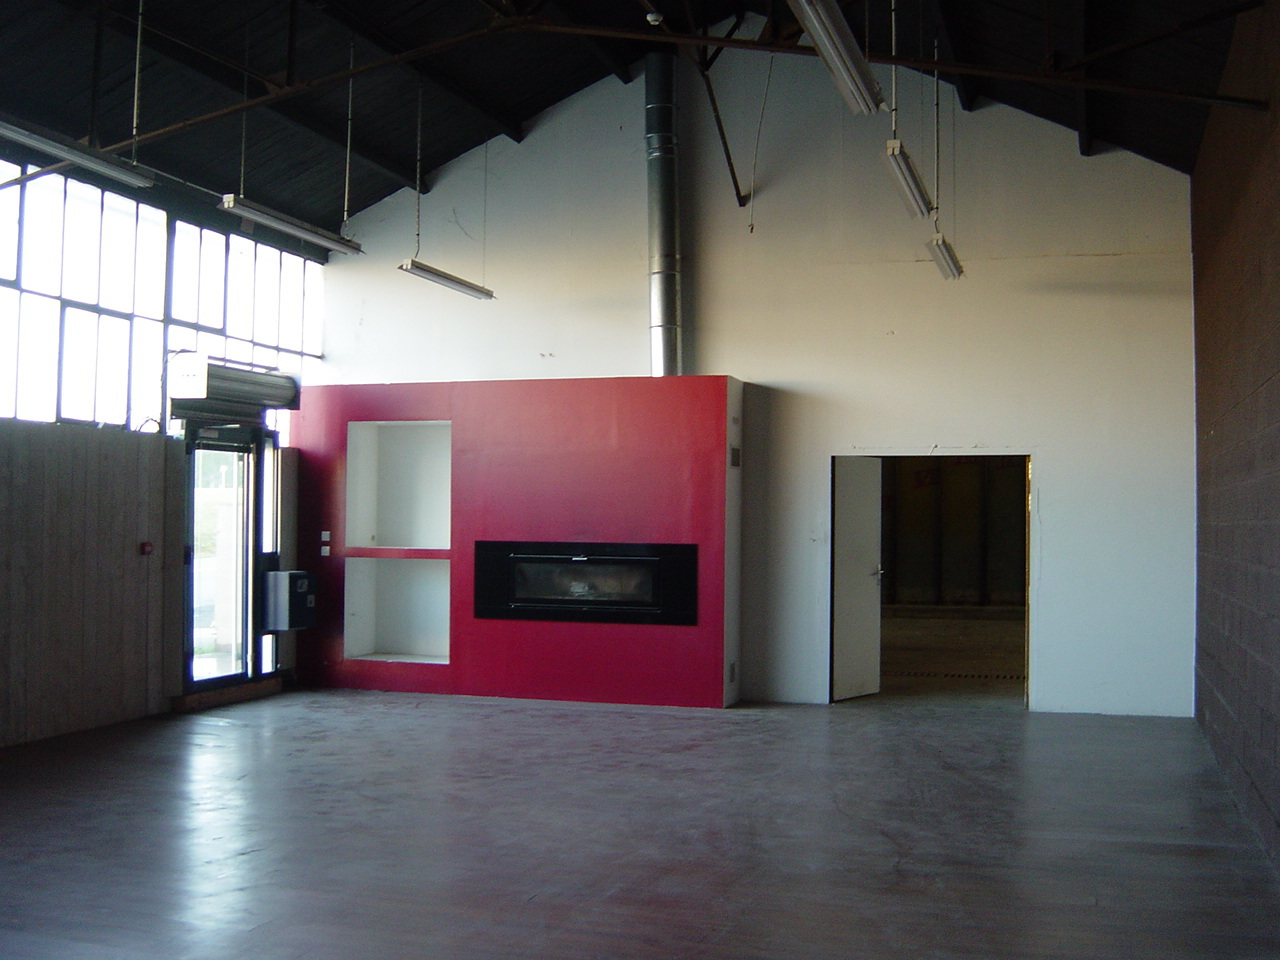 a louer salle de r p tition et stages soir es 100m2 entrep t la m zi re 35520. Black Bedroom Furniture Sets. Home Design Ideas